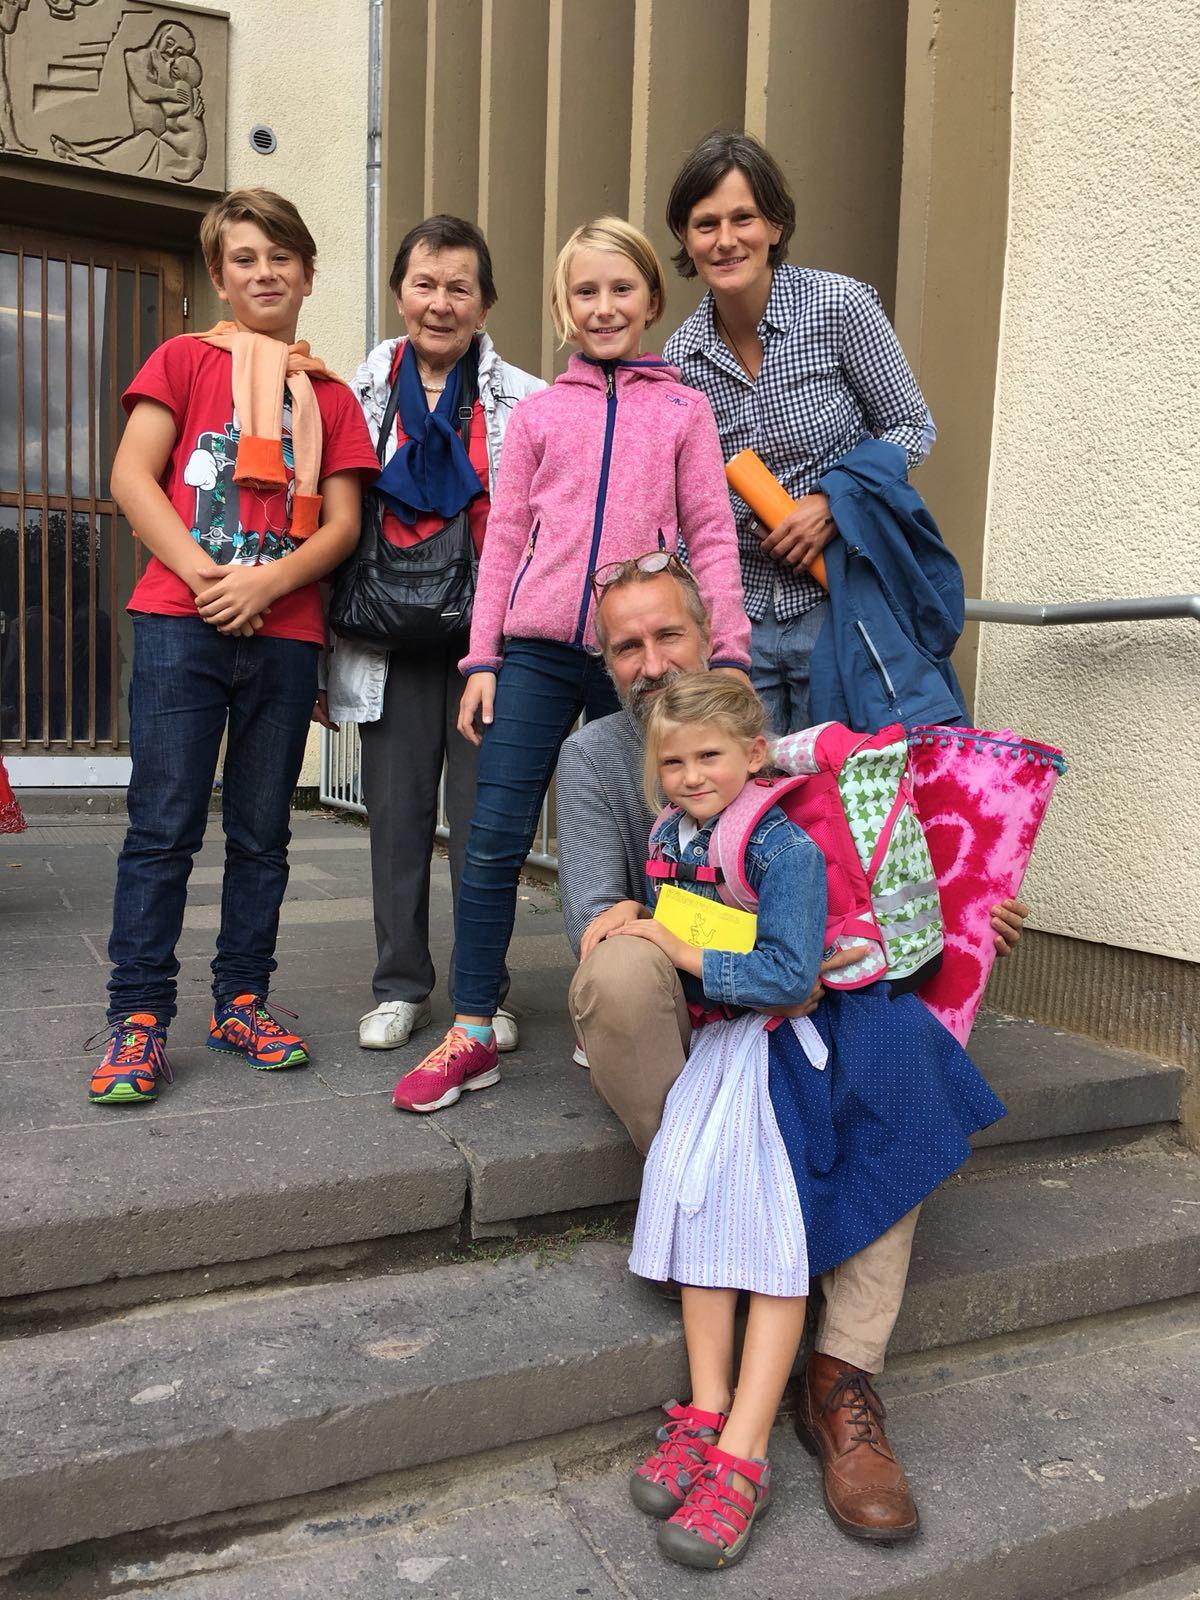 Einschulung. Einen Tag nach unserer Heimkehr. Nach einem Jahr unterwegs plötzlich mit Schultüte und Ranzen in die erste Klasse. Das war aufregend – für alle.